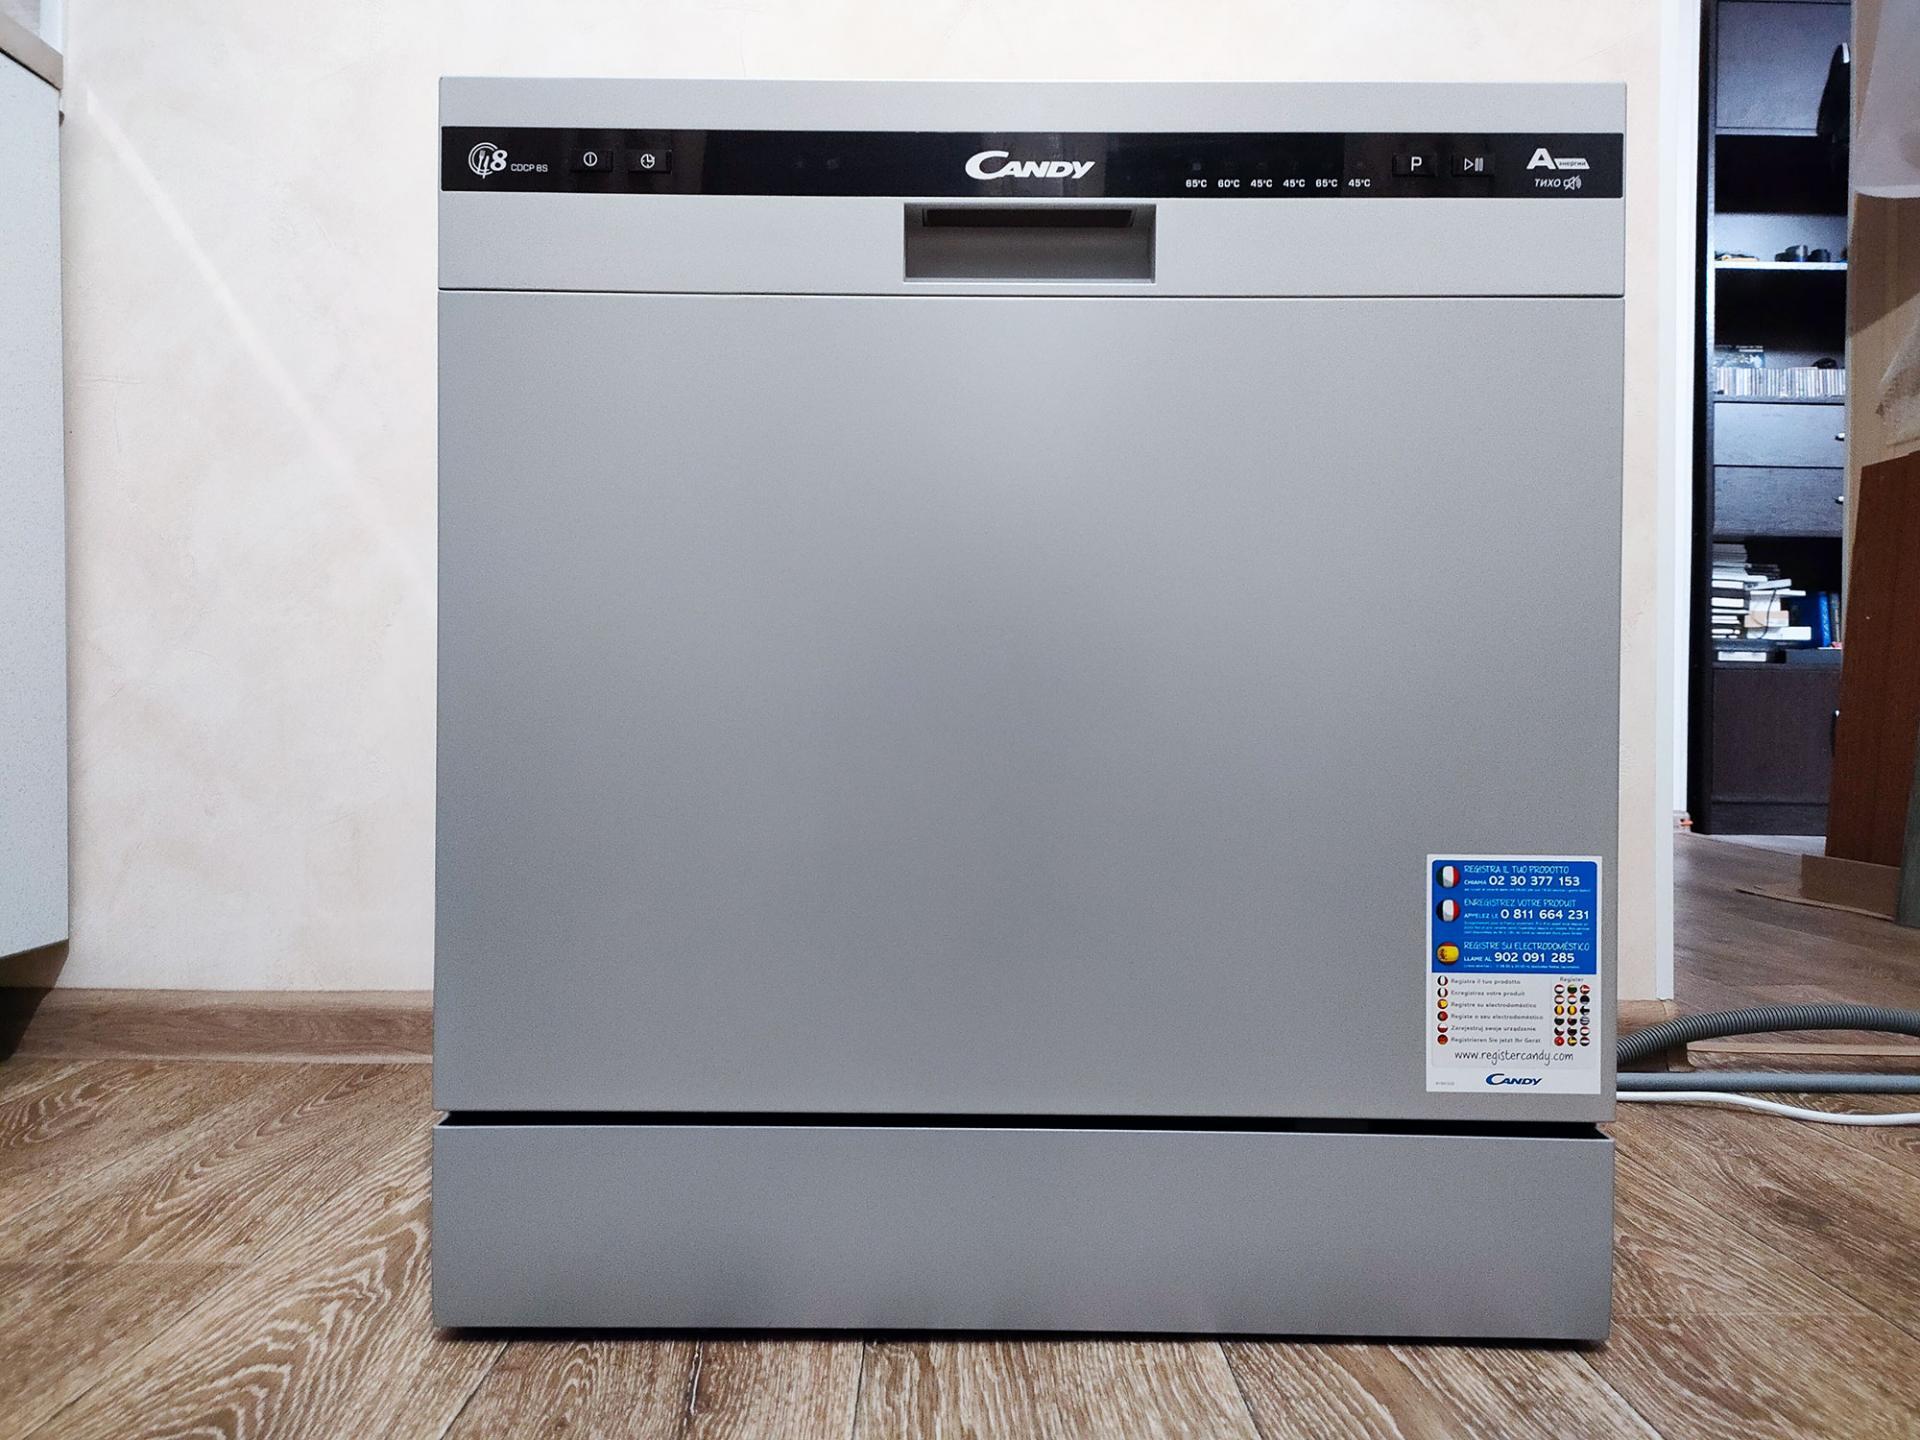 Тест-драйв посудомоечной машины Candy CDCP 8ES-07